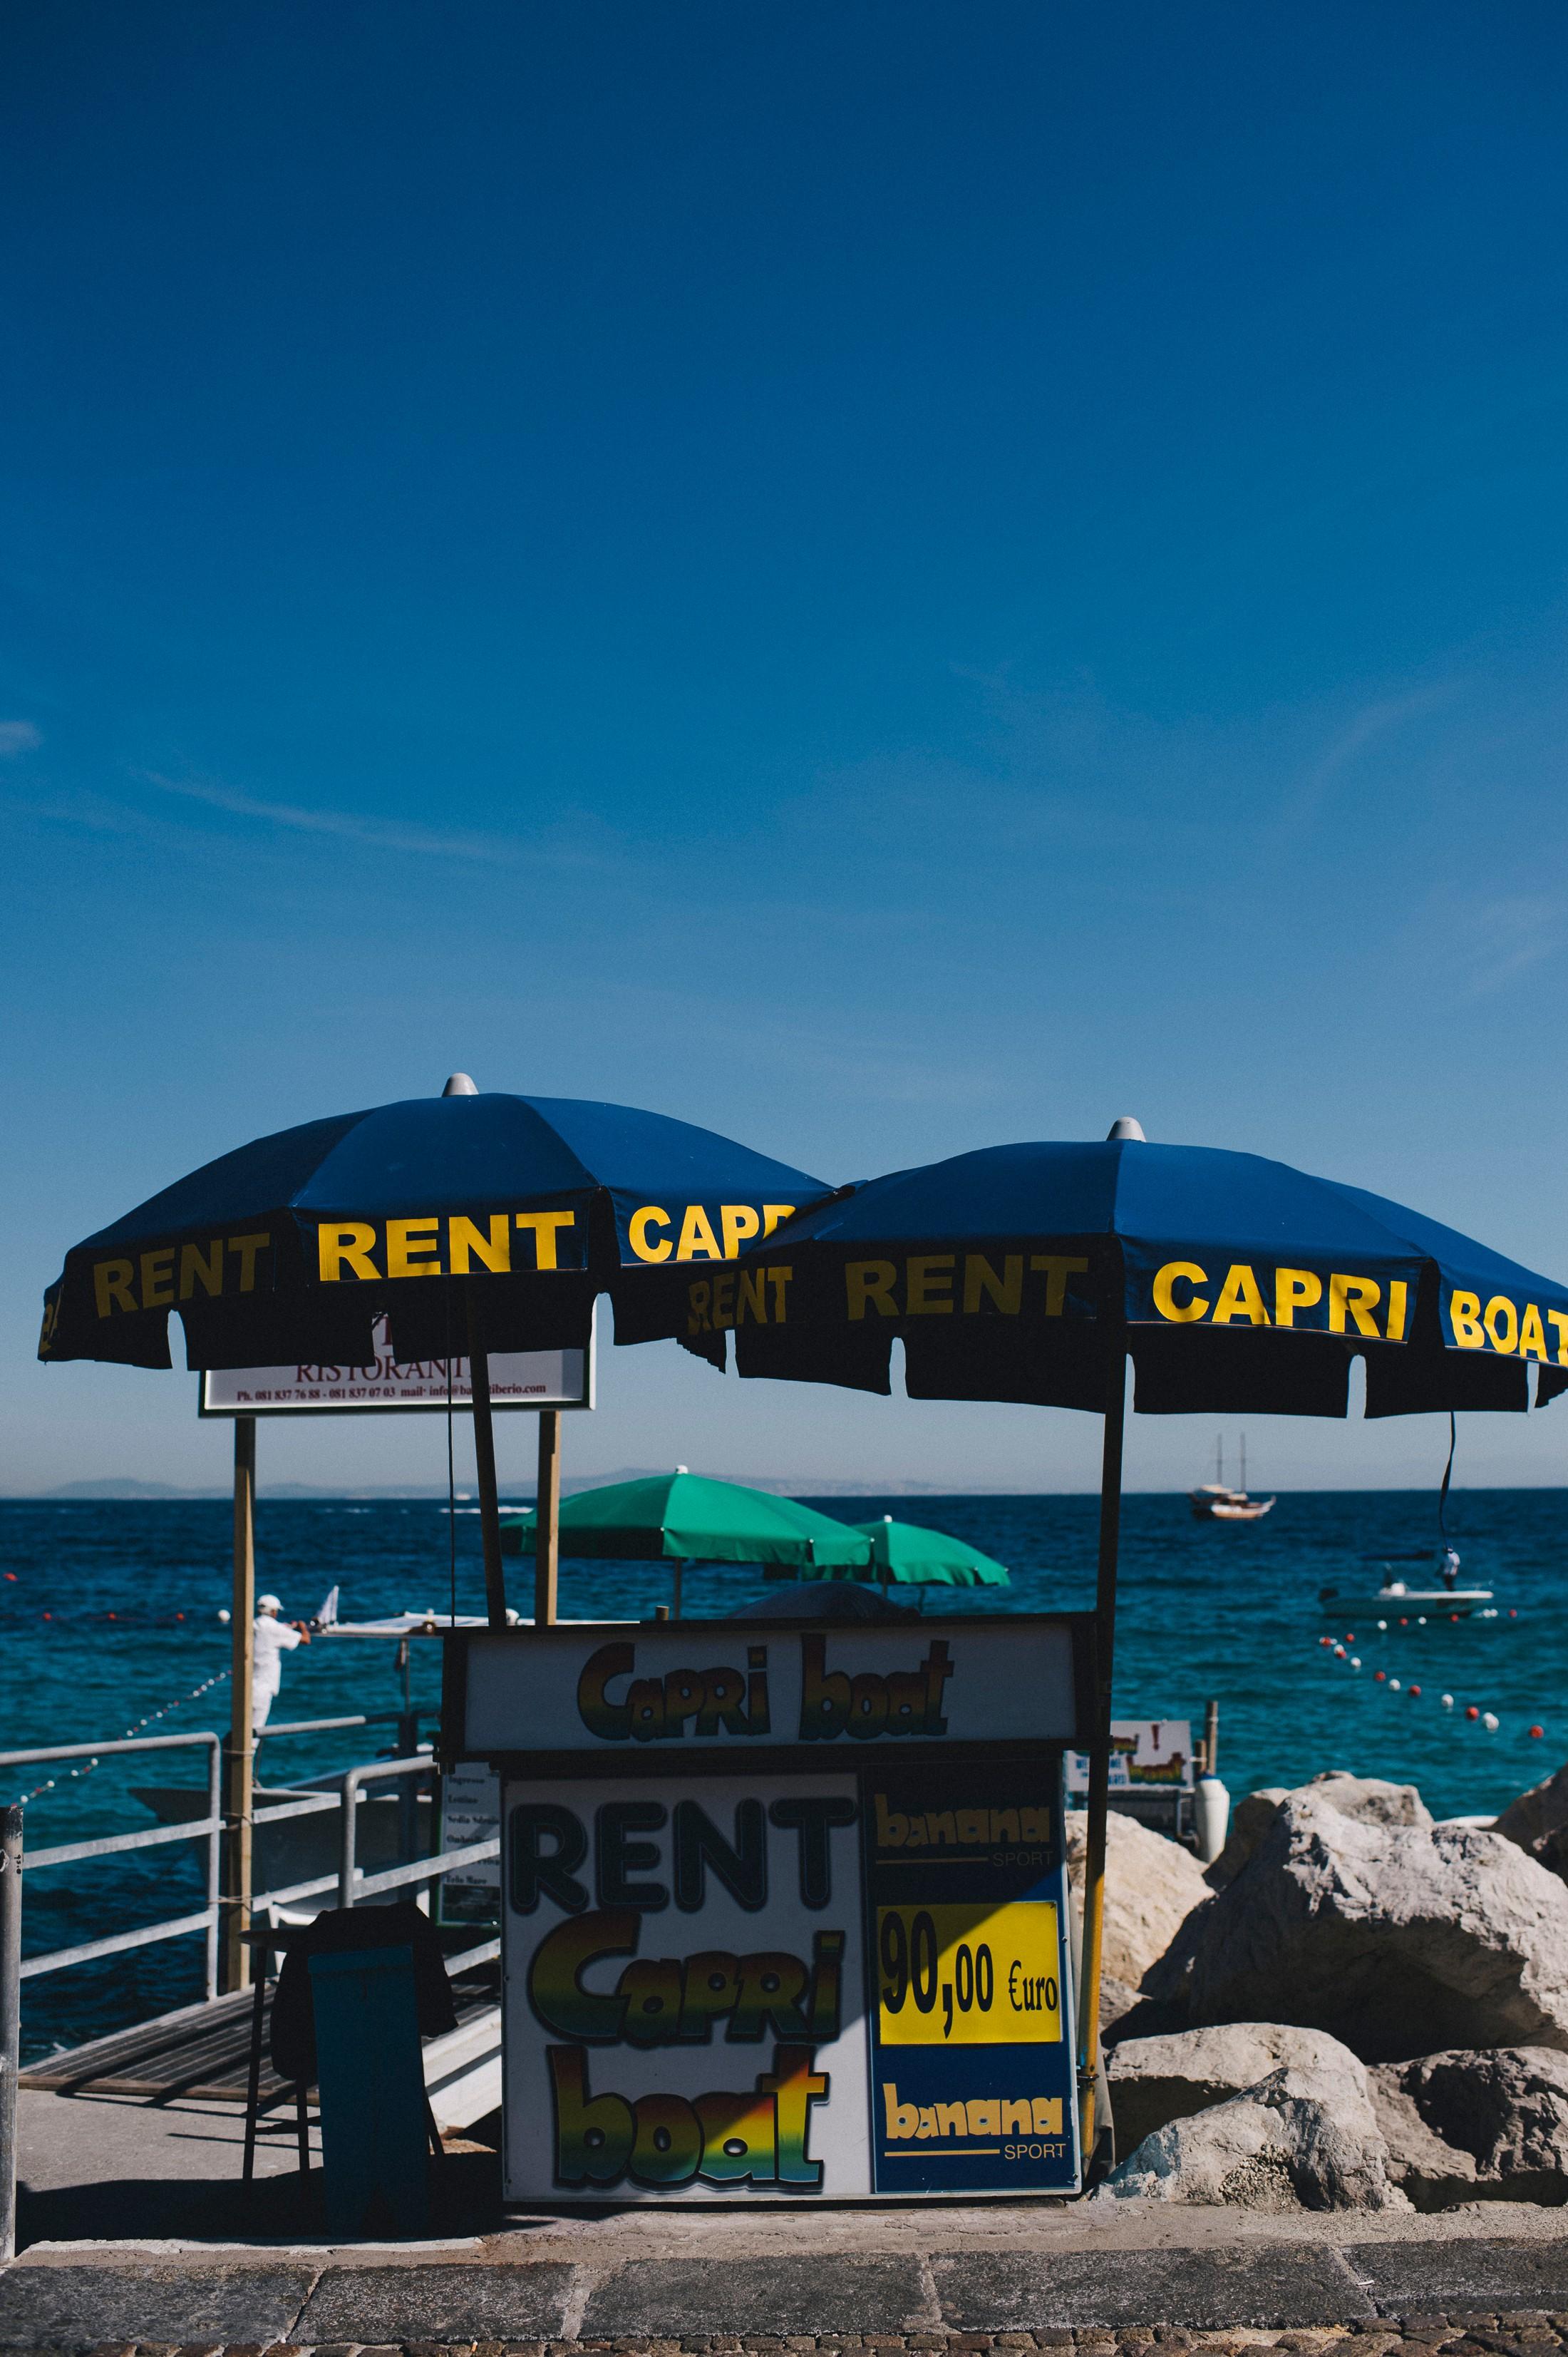 details from capri